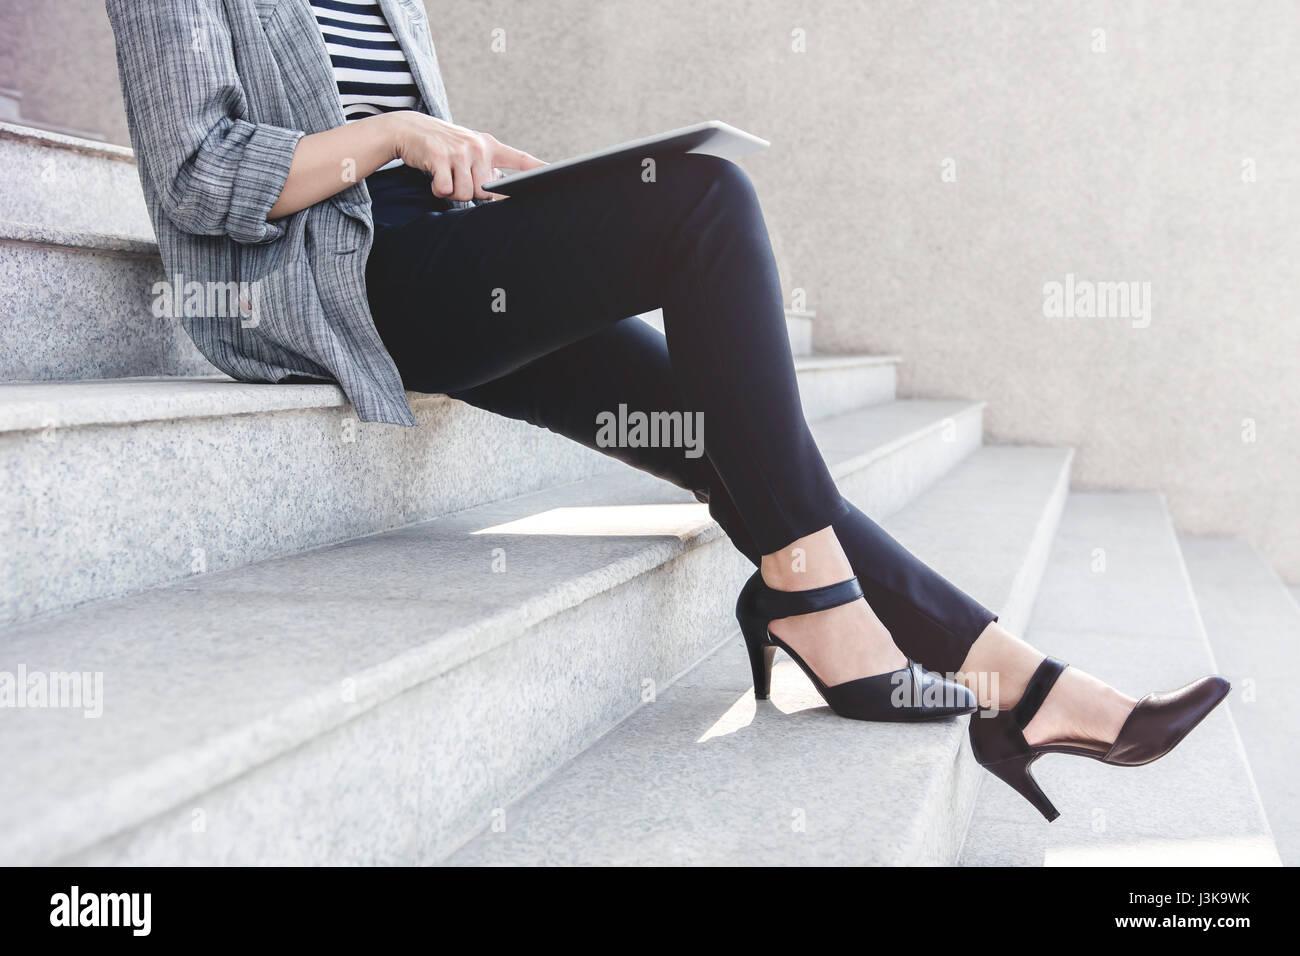 Negocio trabajar mujer sentada y utilizando tablet digital en escalera exterior, vista lateral, Sociales comunicar Imagen De Stock